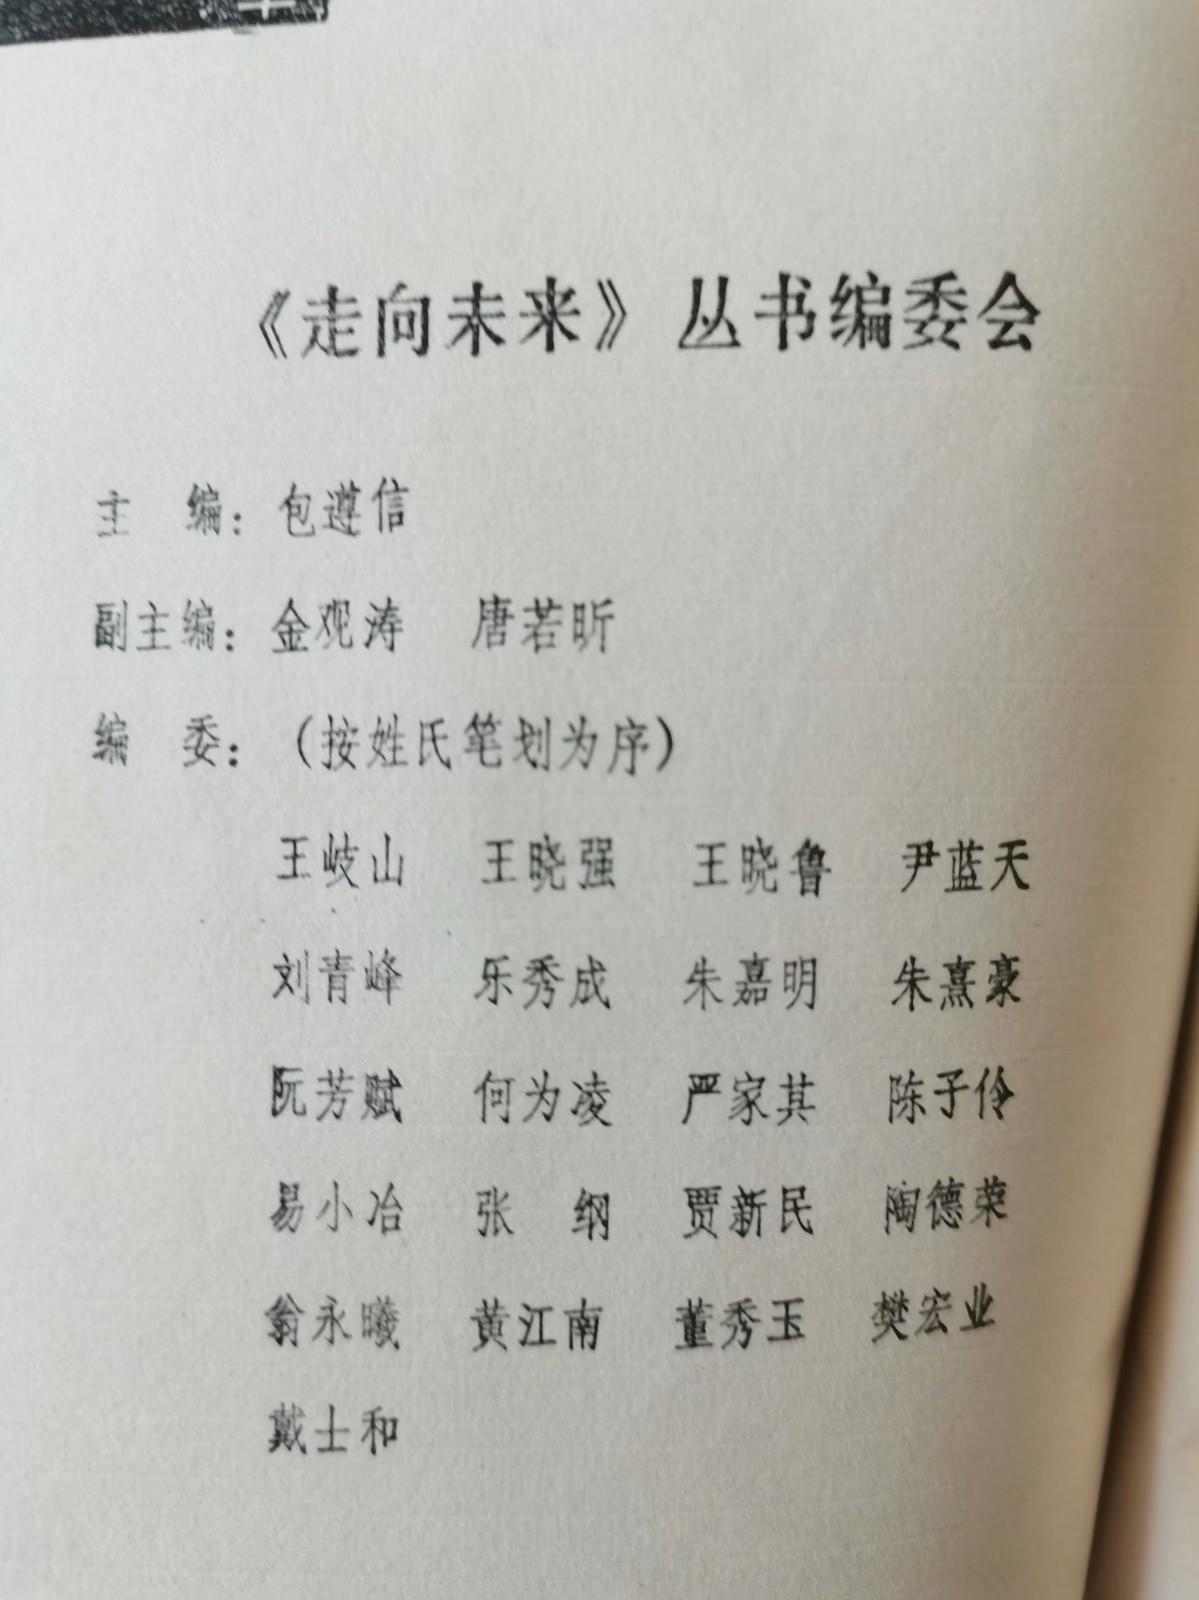 """愚昧的根源向来清晰,不读书和读不到好书是主要原因——怀念""""走向未来丛书"""" ... ..._图1-2"""